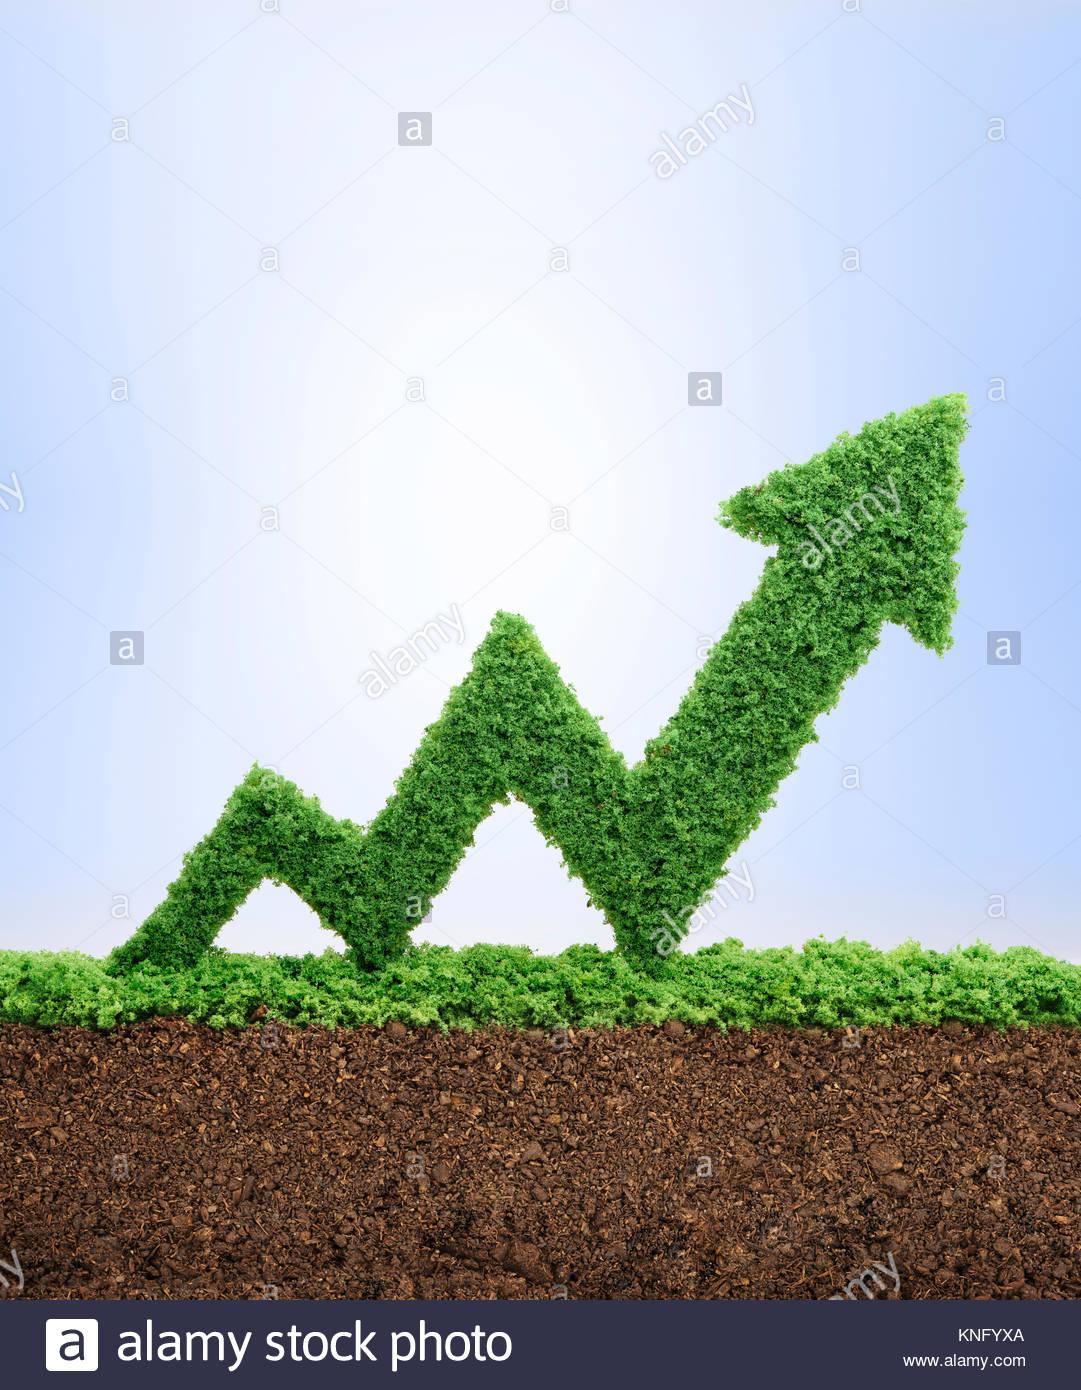 Erba che cresce in forma di freccia grafico, che simboleggia la cura e la dedizione necessarie per il progresso Immagini Stock